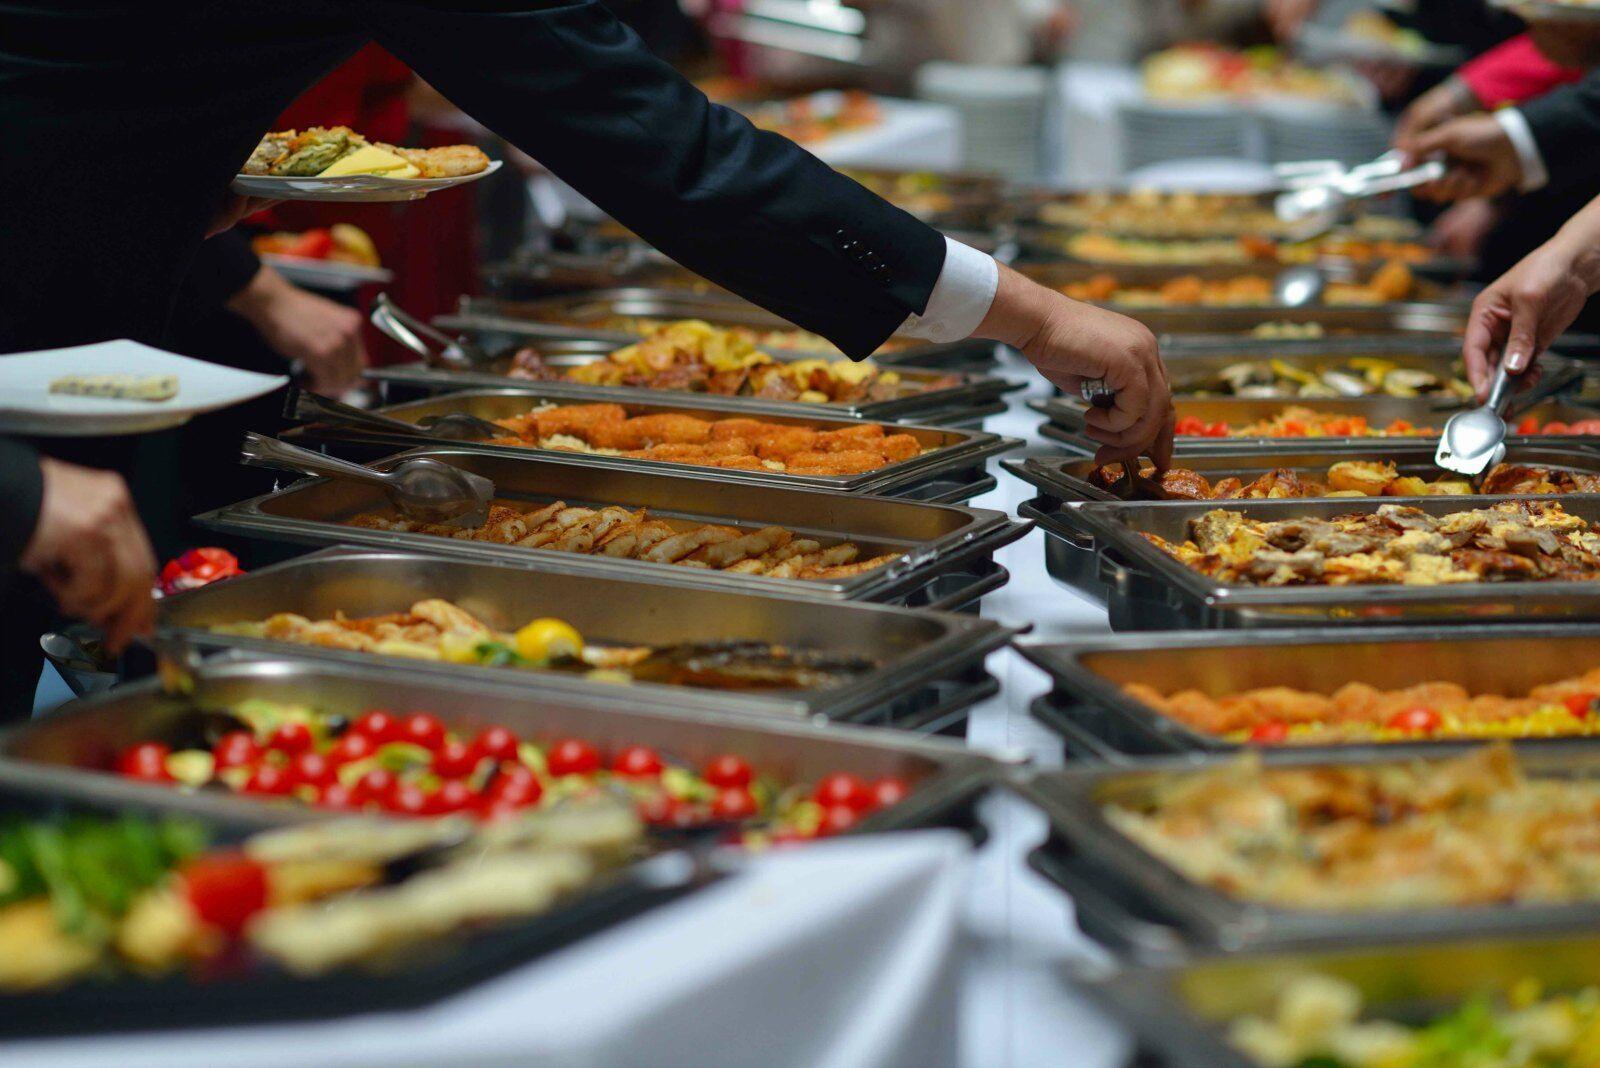 Шведський стіл набагато вигідніше готельєрам, ніж закладам, де є порційне меню